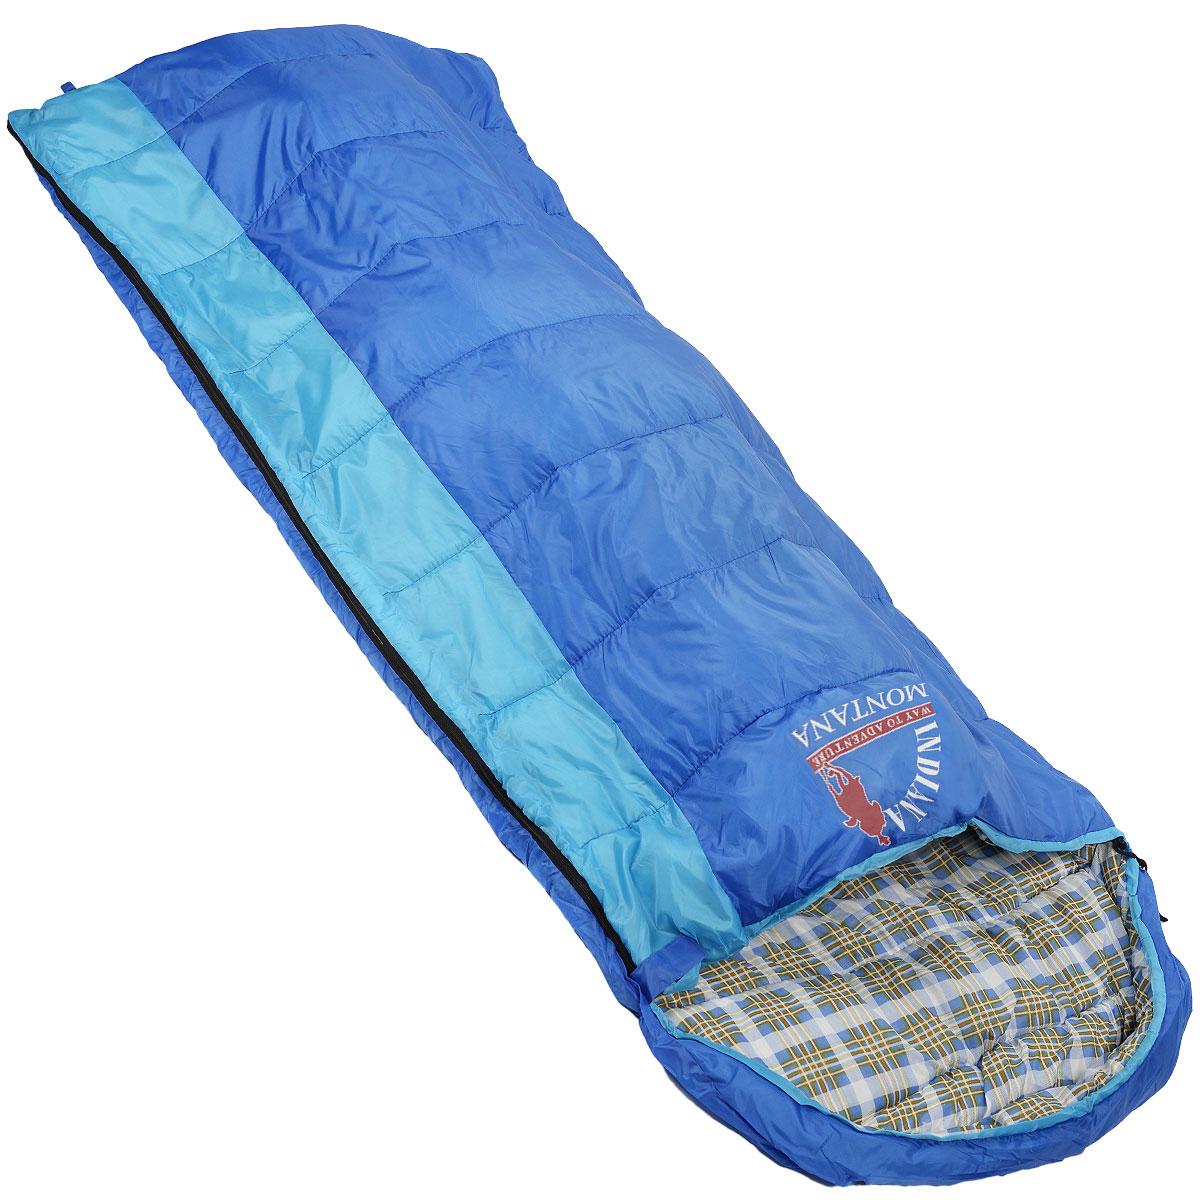 """Спальный мешок-одеяло Indiana """"Montana"""" L-zip от -4 C, цвет: синий, голубой, левосторонняя молния, 180+35 см х 90 см 360700034"""